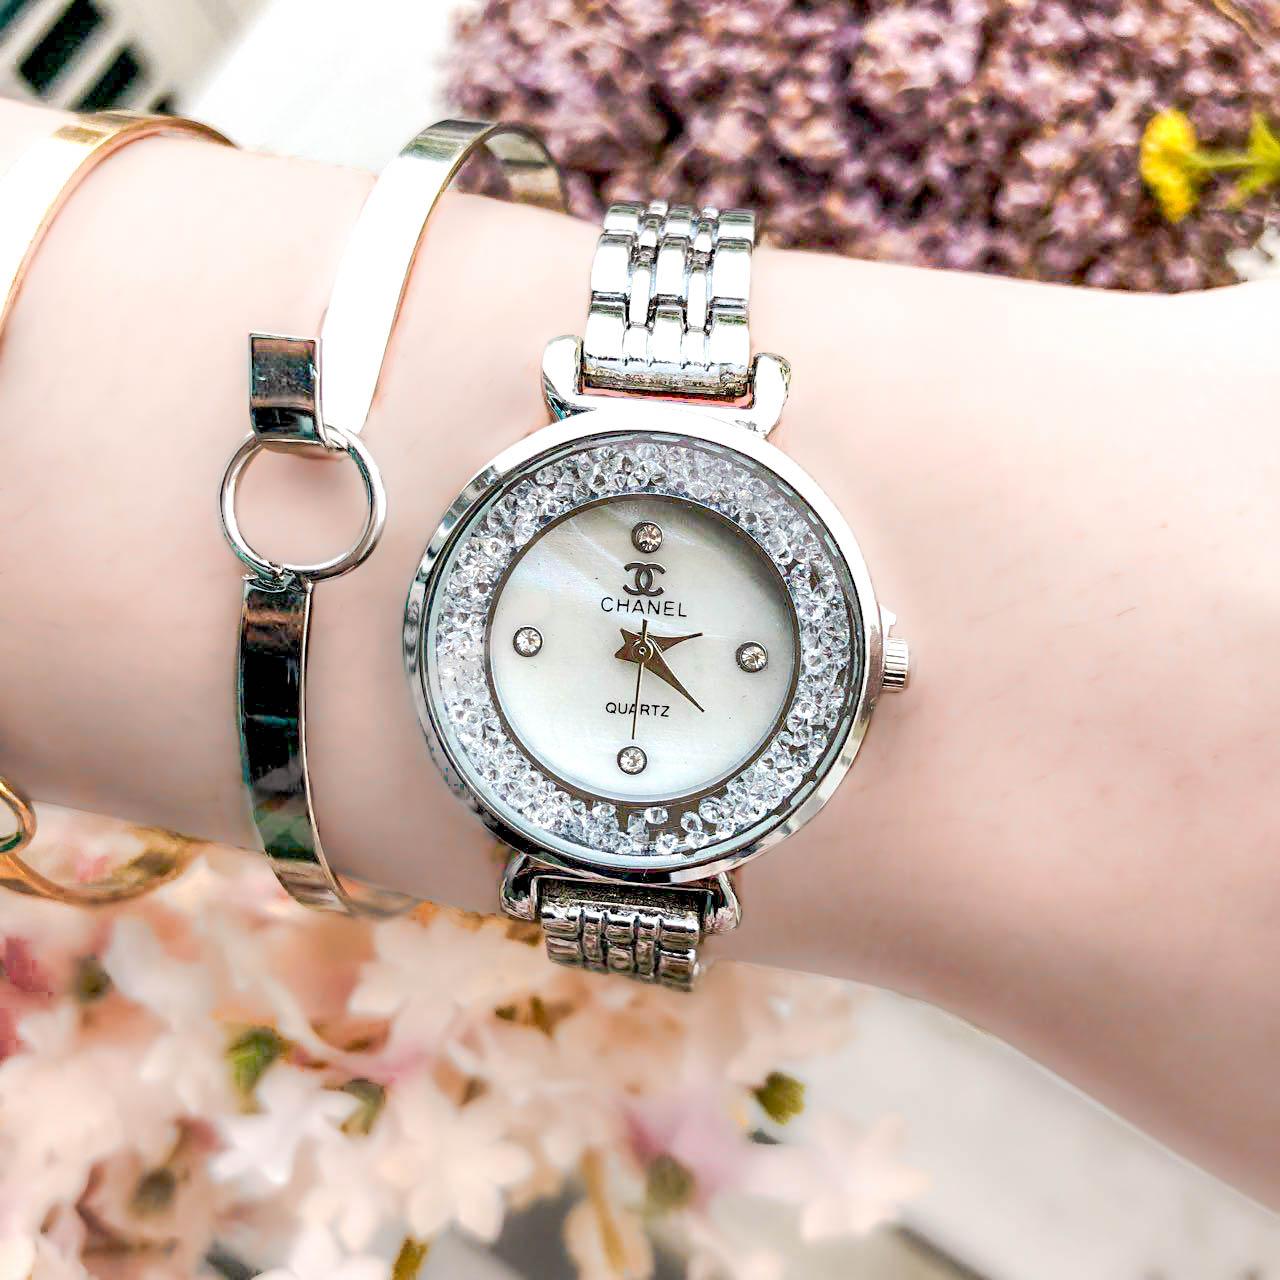 Jam Tangan CHANEL Fashion Watch Diamond Frame Silver Frame+Silver Dial+Silver Band CHAW02